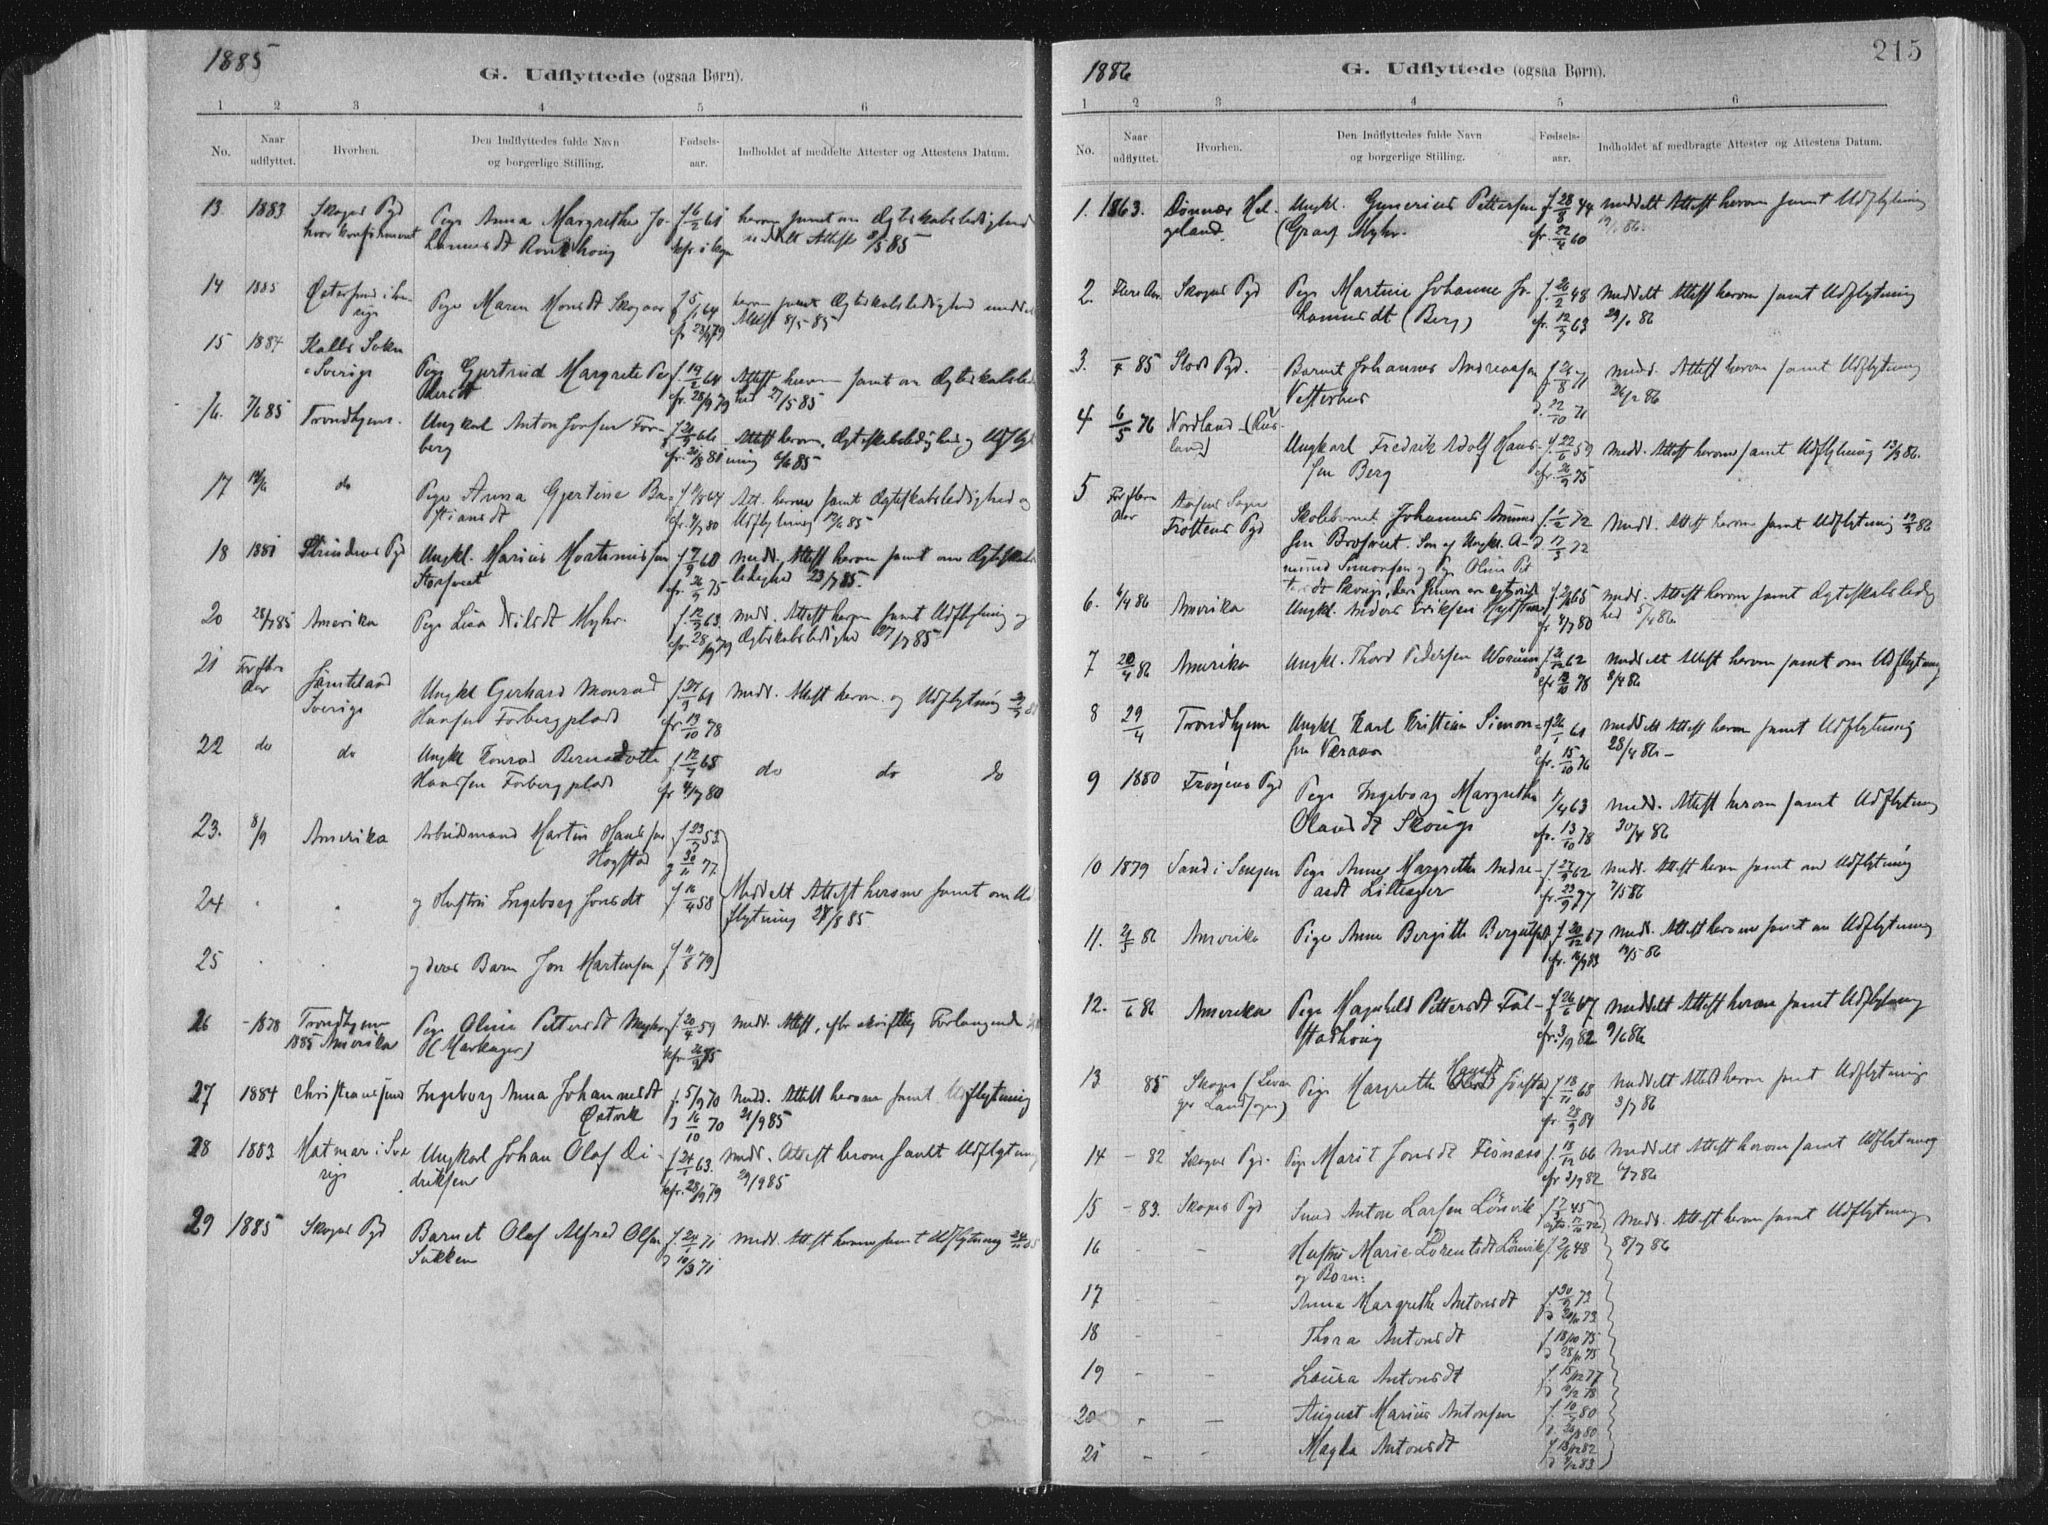 SAT, Ministerialprotokoller, klokkerbøker og fødselsregistre - Nord-Trøndelag, 722/L0220: Ministerialbok nr. 722A07, 1881-1908, s. 215